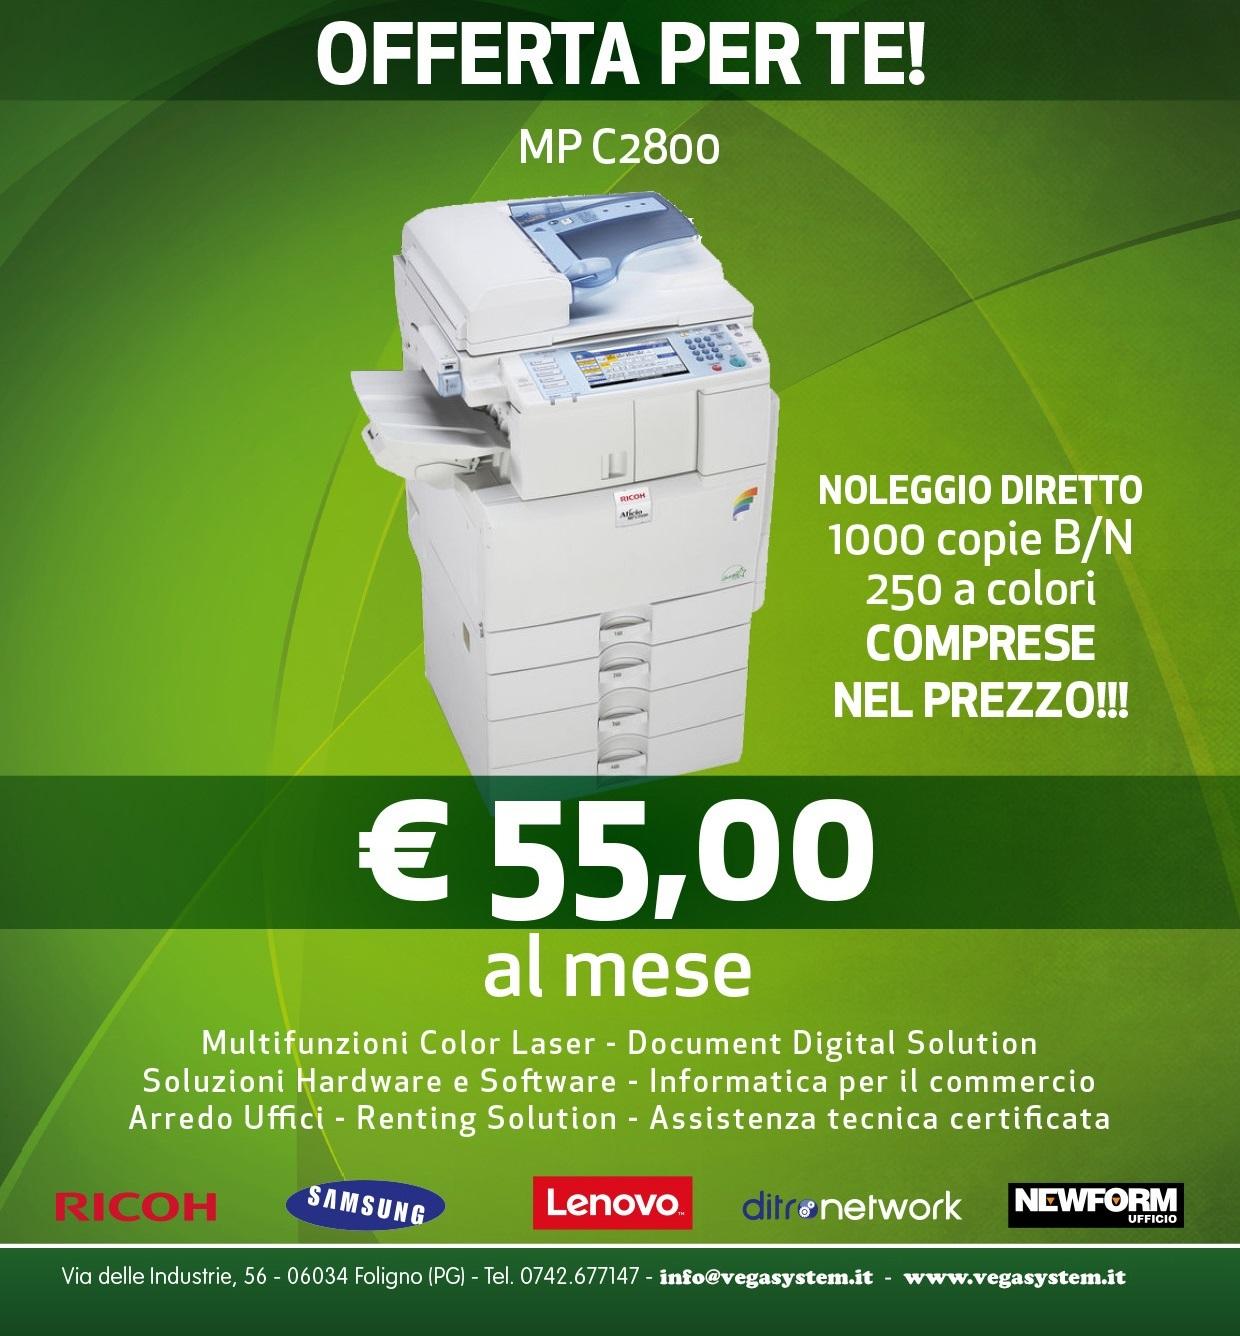 offerta-fotocopiatrice-noleggio-umbria-ricohmpc2800